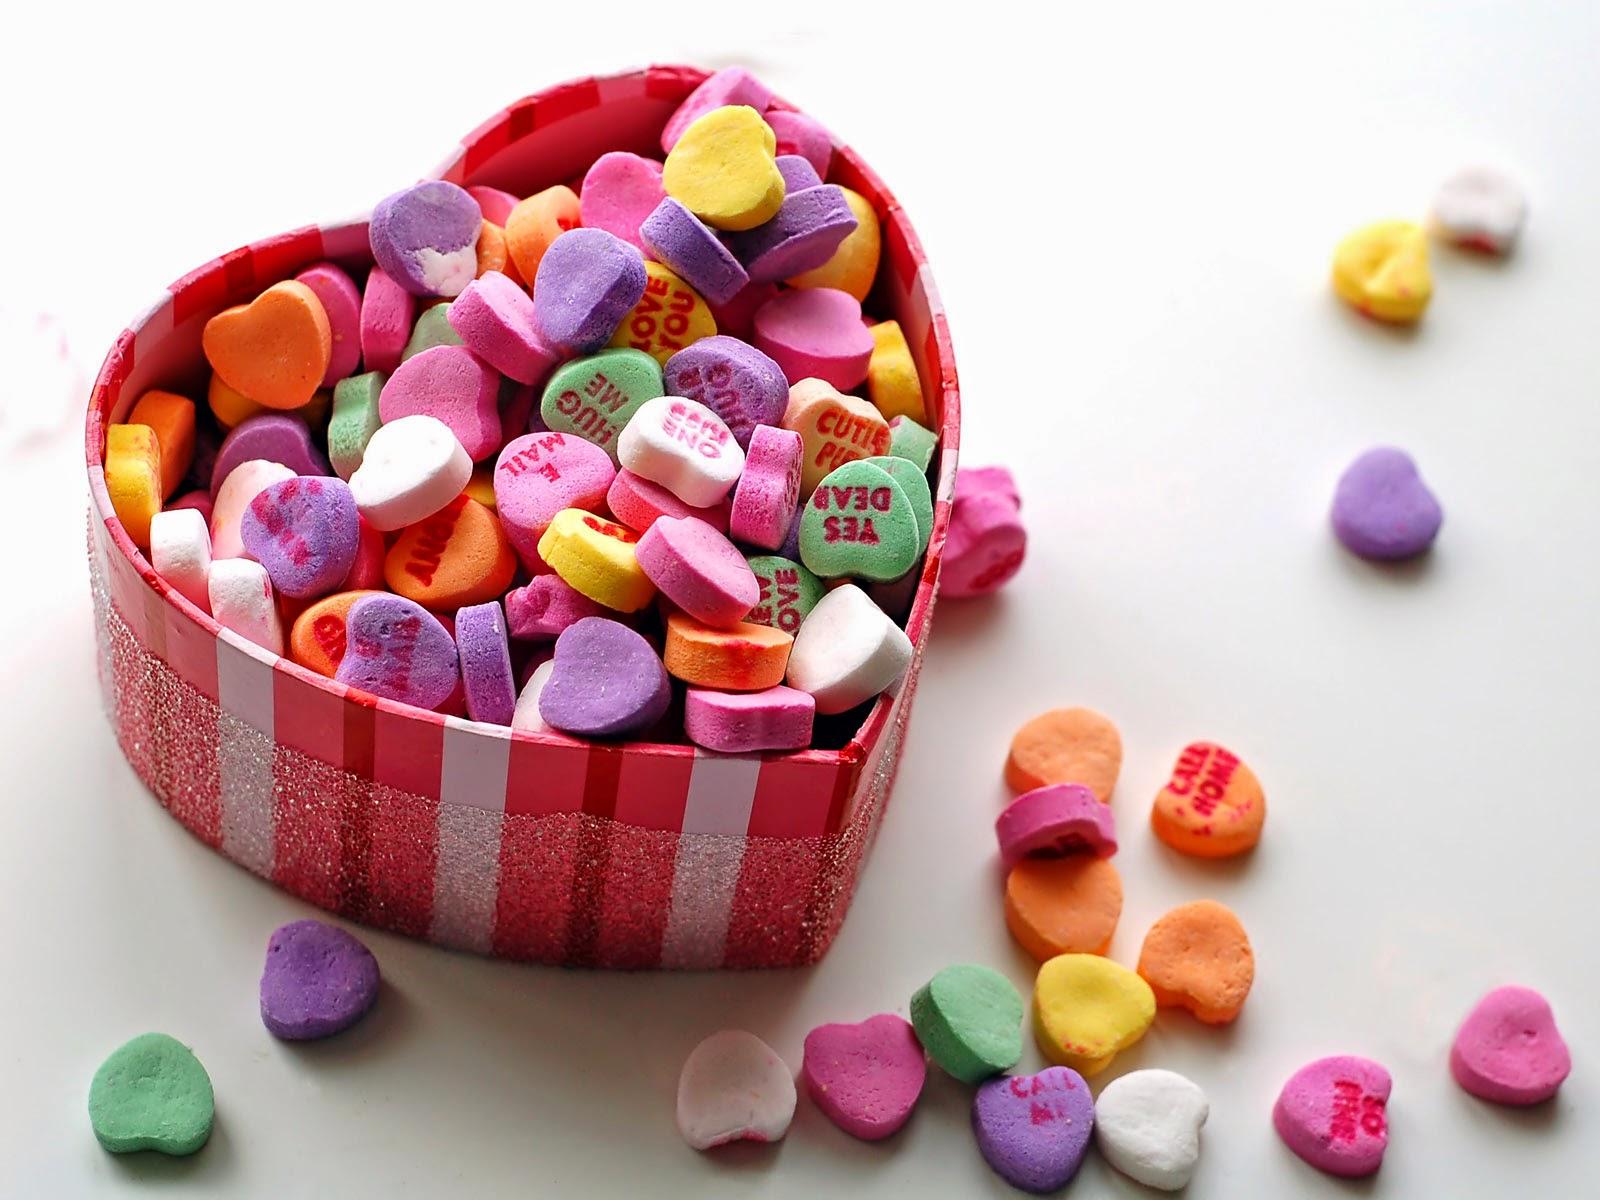 hinh-valentine-dep-ngay-le-tinh-nhan-hinh-tinh-yeu-lang-mang-9